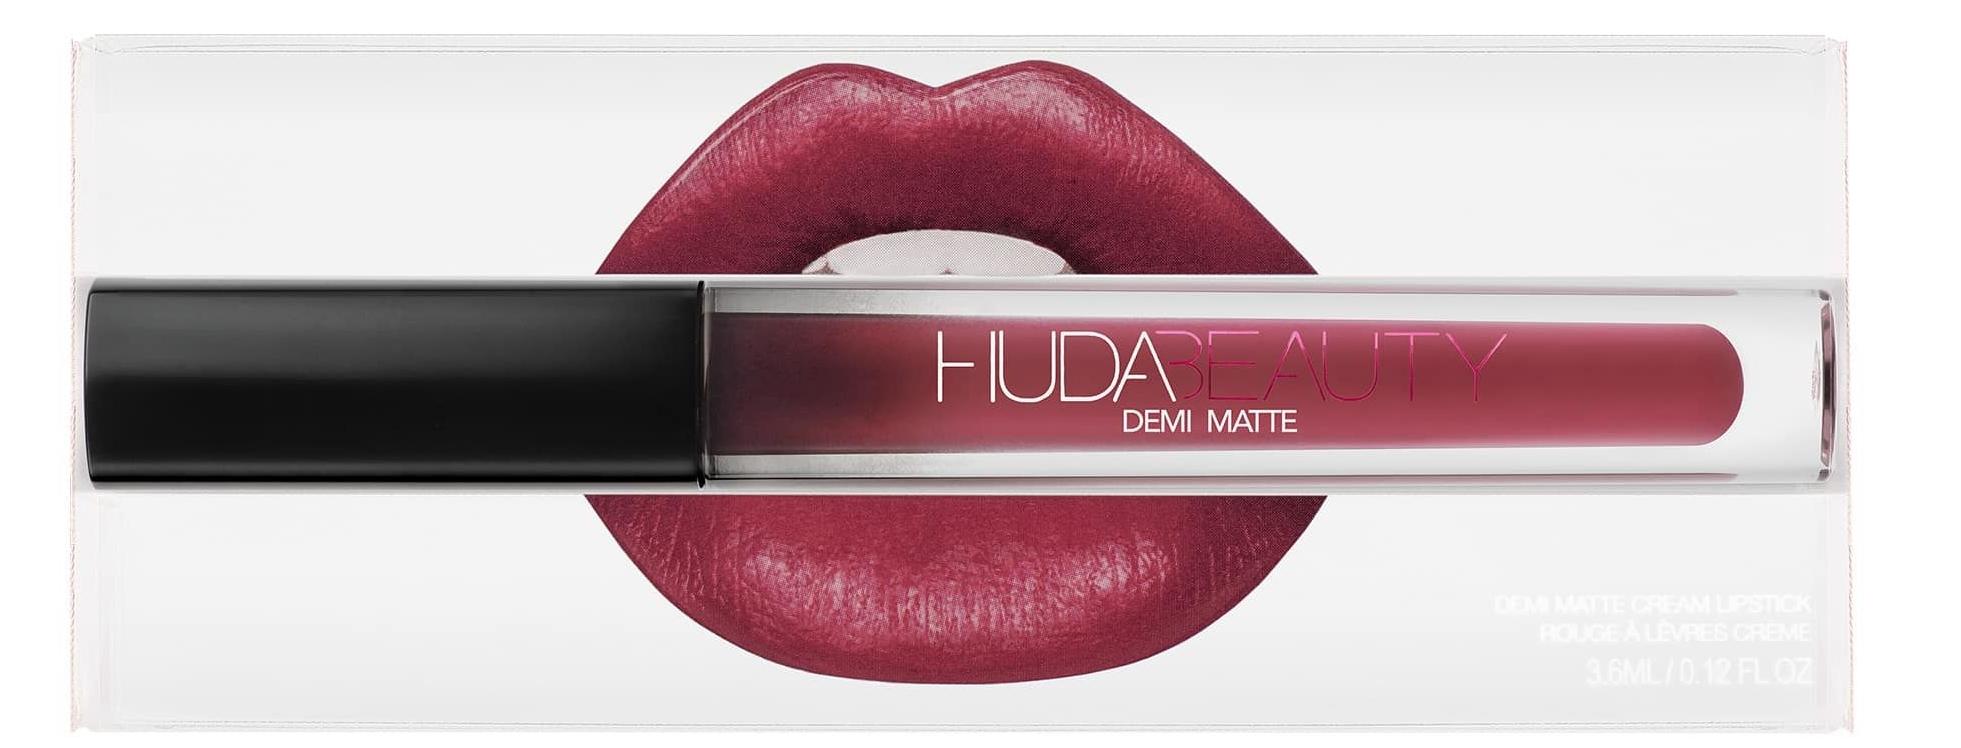 HUDA BEAUTY: Demi Matte in Lady Boss $20